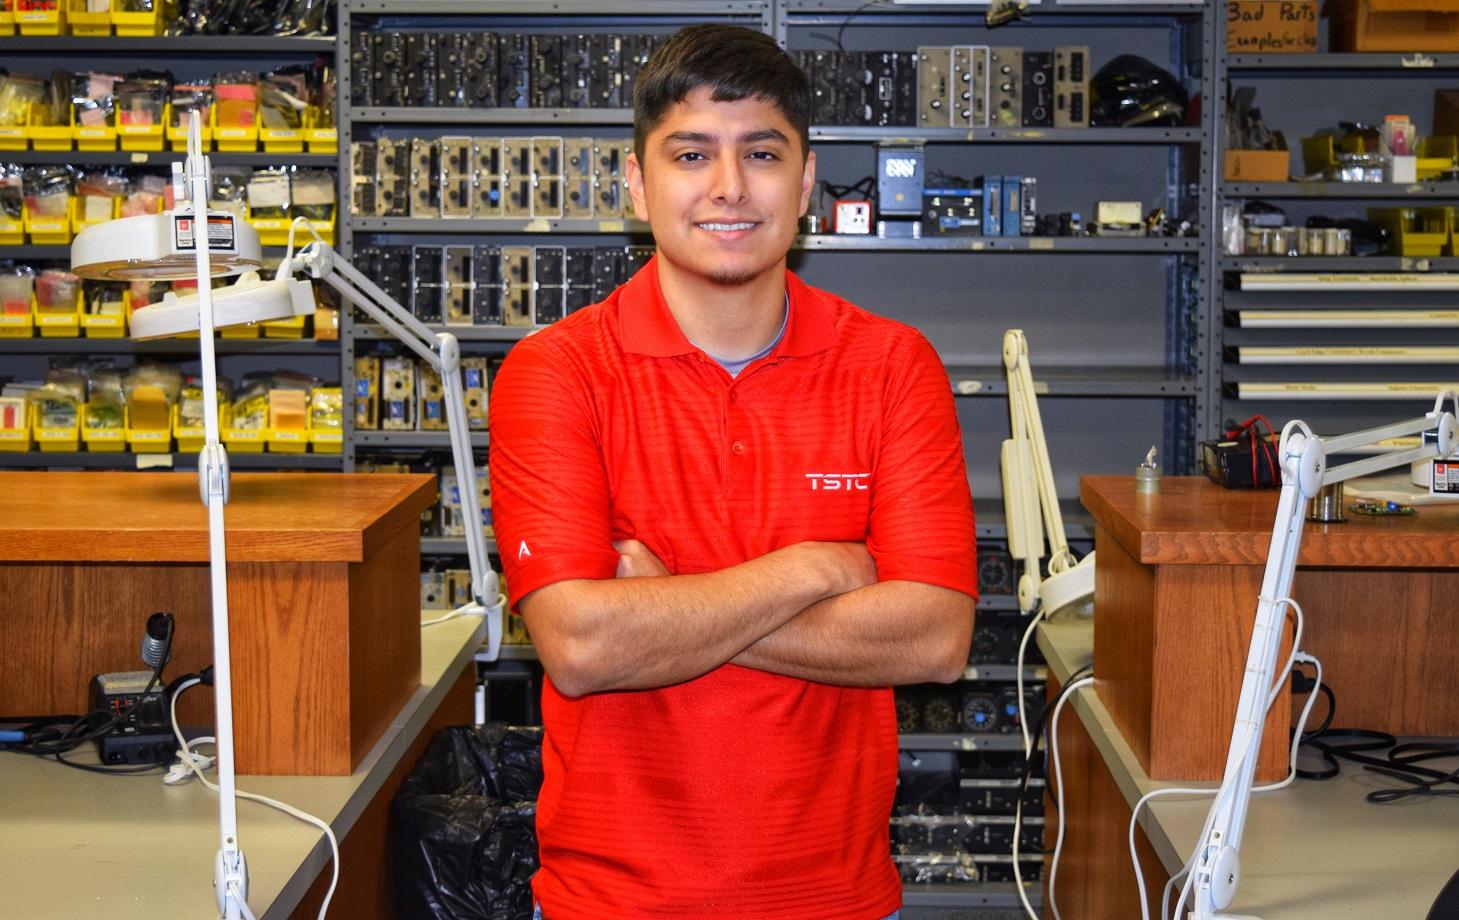 San Antonio Resident Electrifies His Goals at TSTC